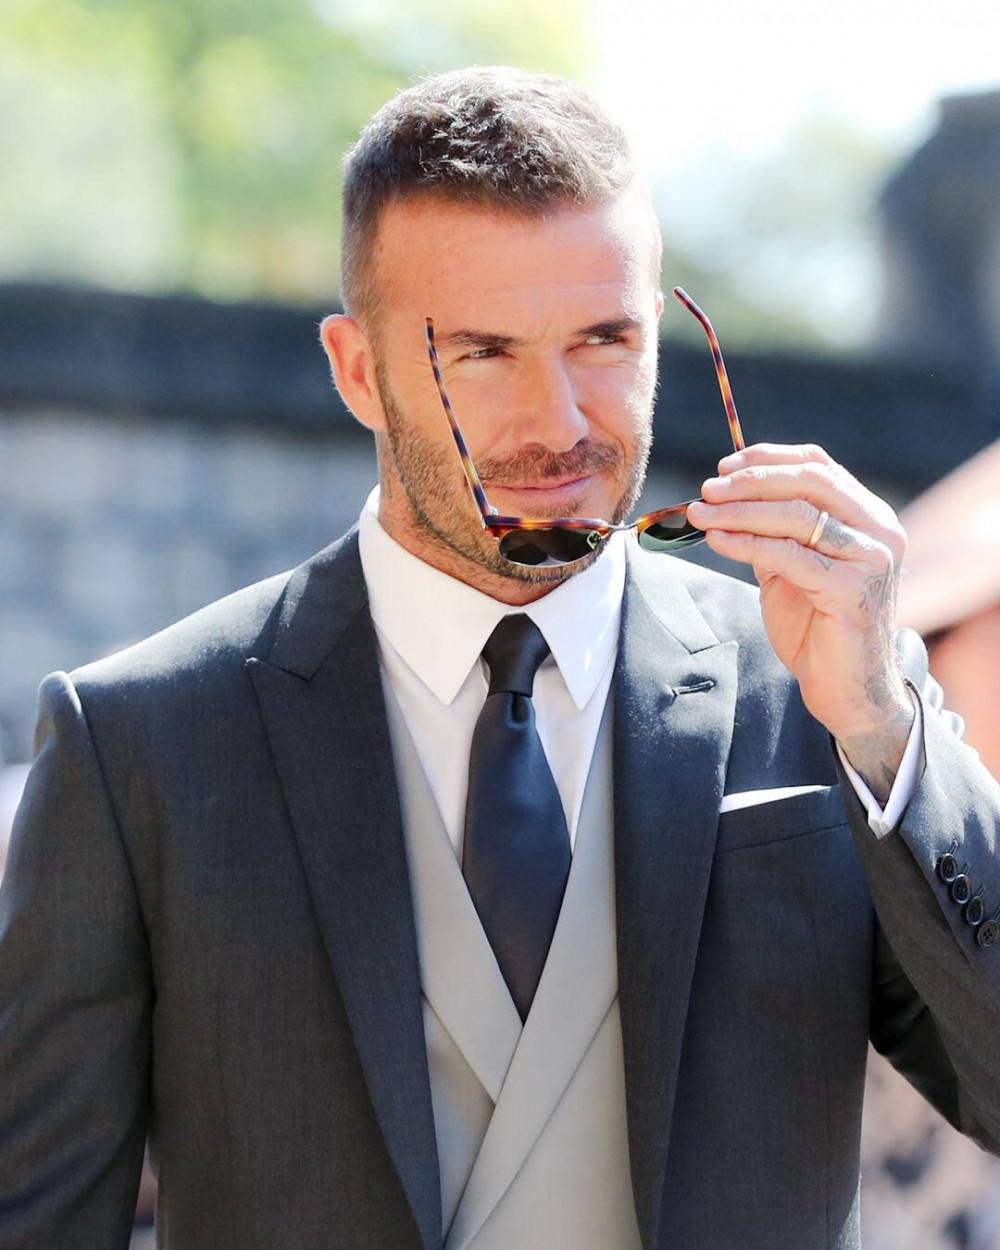 David Beckham sau khi giải nghề tham gia hoạt động kinh doanh, từ thiện và điều hành một đội bóng trẻ.